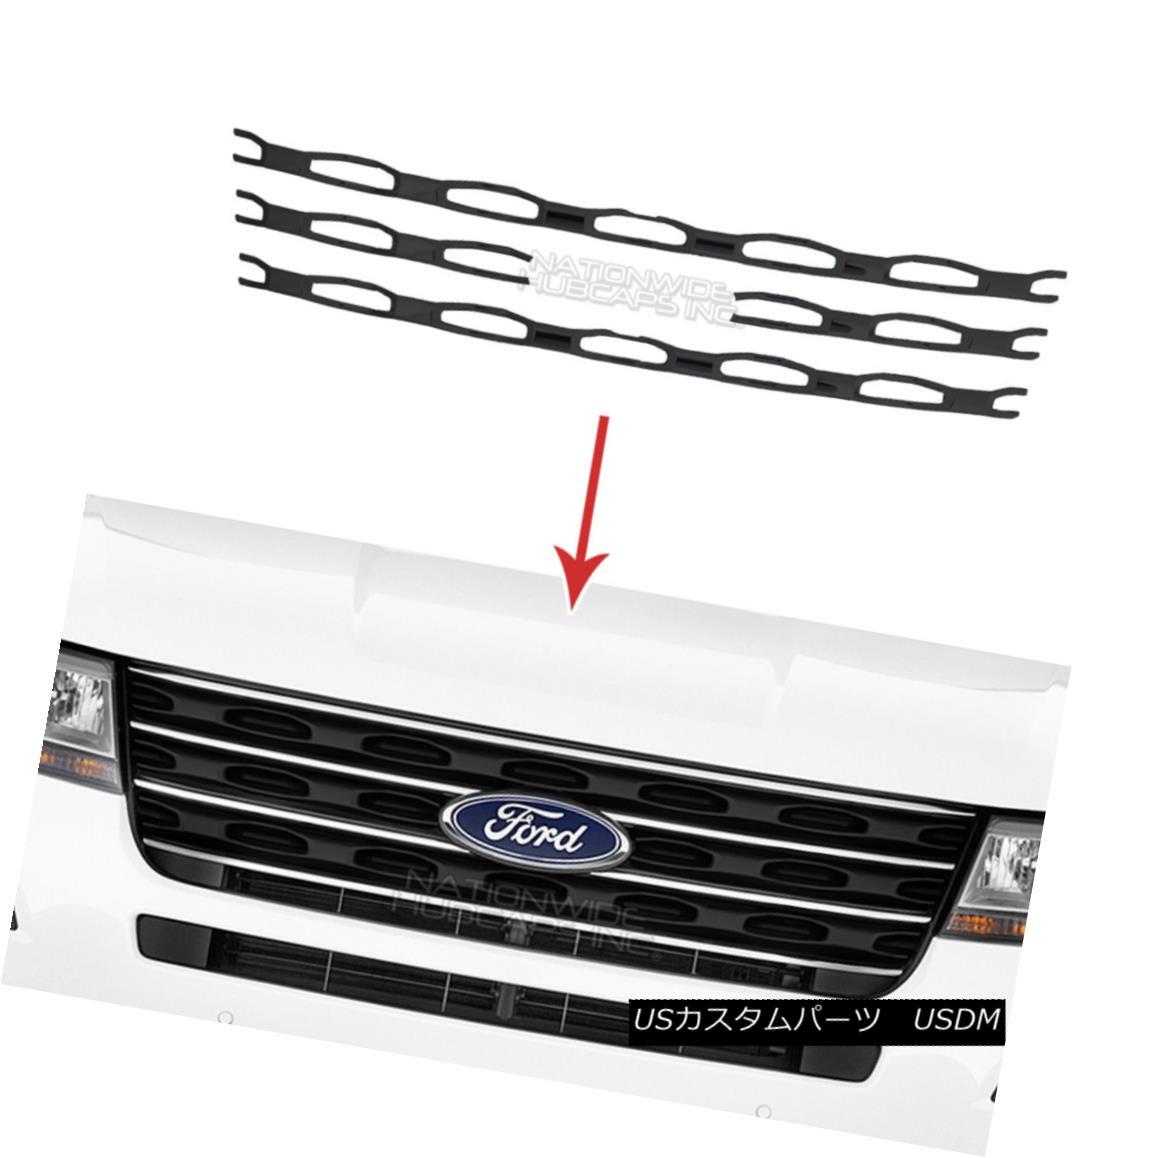 グリル Black 2016 2017 Ford Explorer Snap On Grille Overlays Front Grill Trim Covers ブラック2016 2017 Ford Explorerスナップオングリルオーバーレイフロントグリルトリムカバー